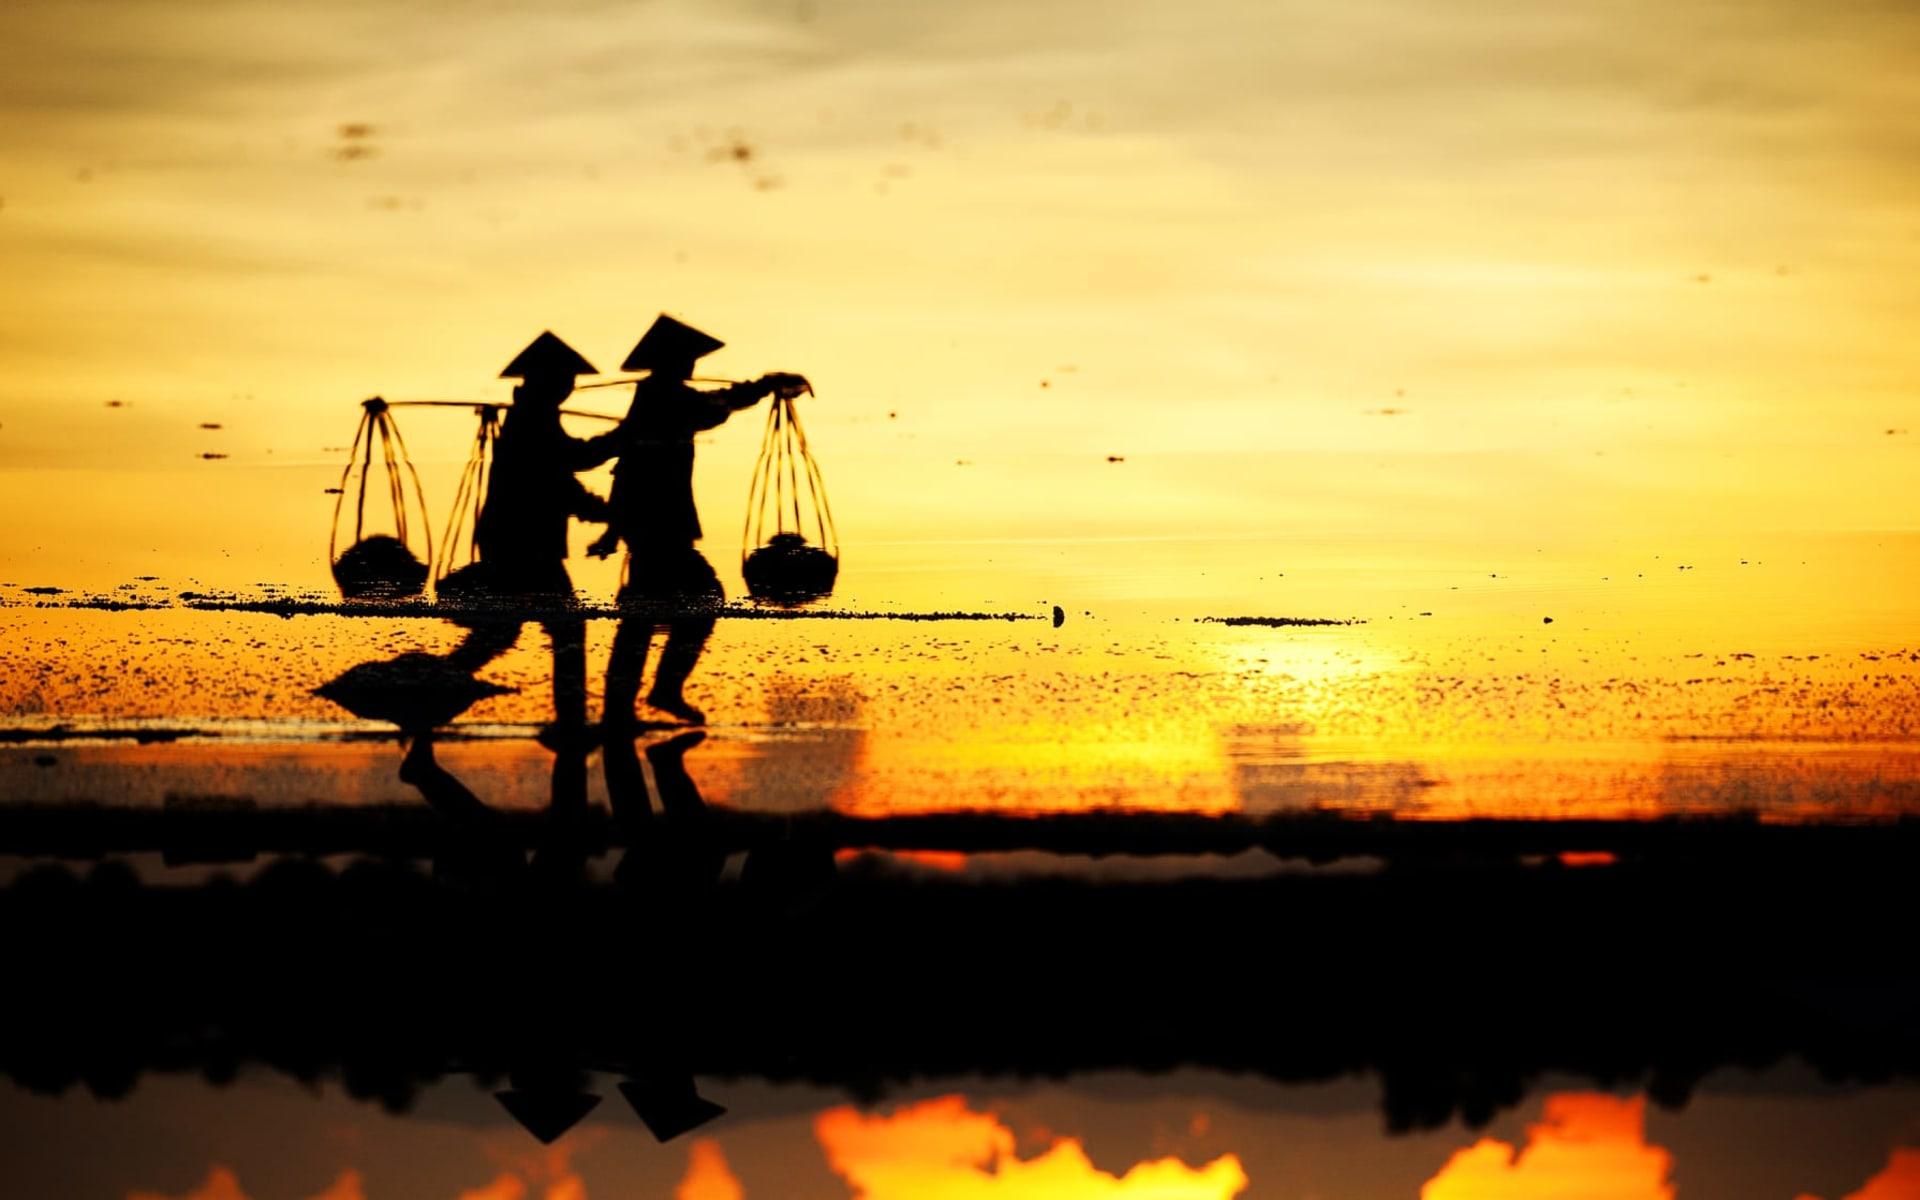 Vietnam für Geniesser ab Hanoi: Farmers working in the salt field